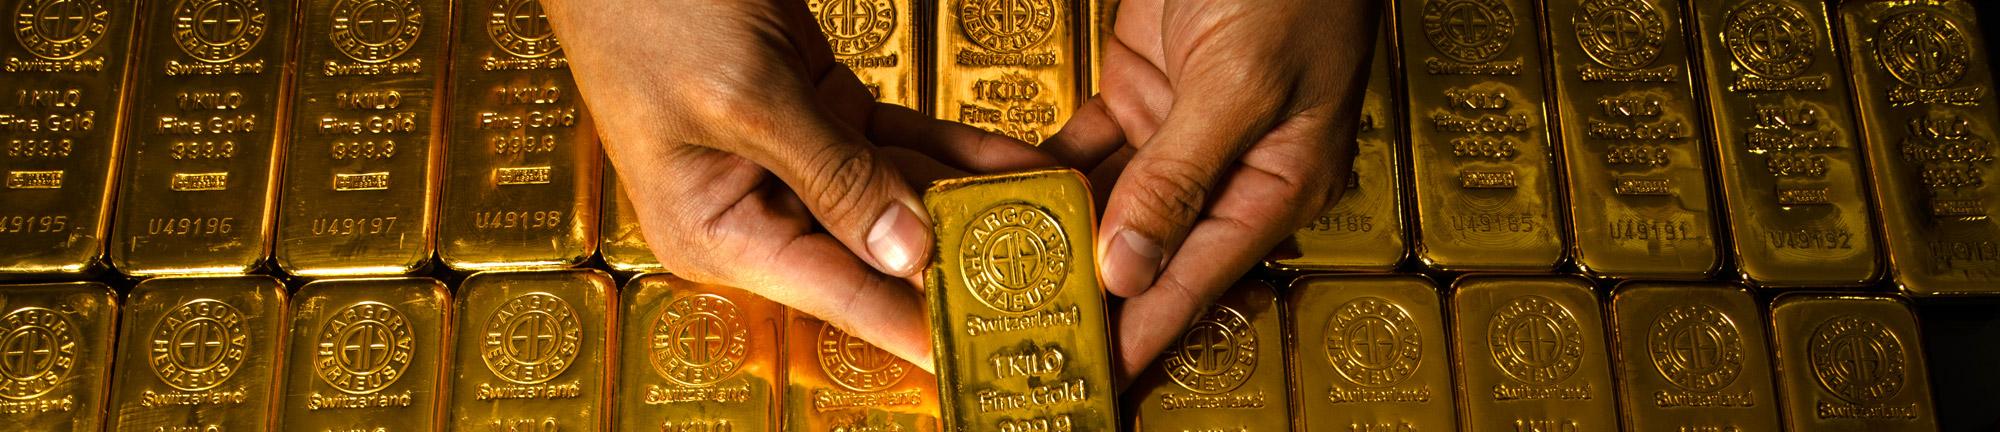 HELVETICOR Hochsicherheitslager Gold Begleitschutz Kontakt